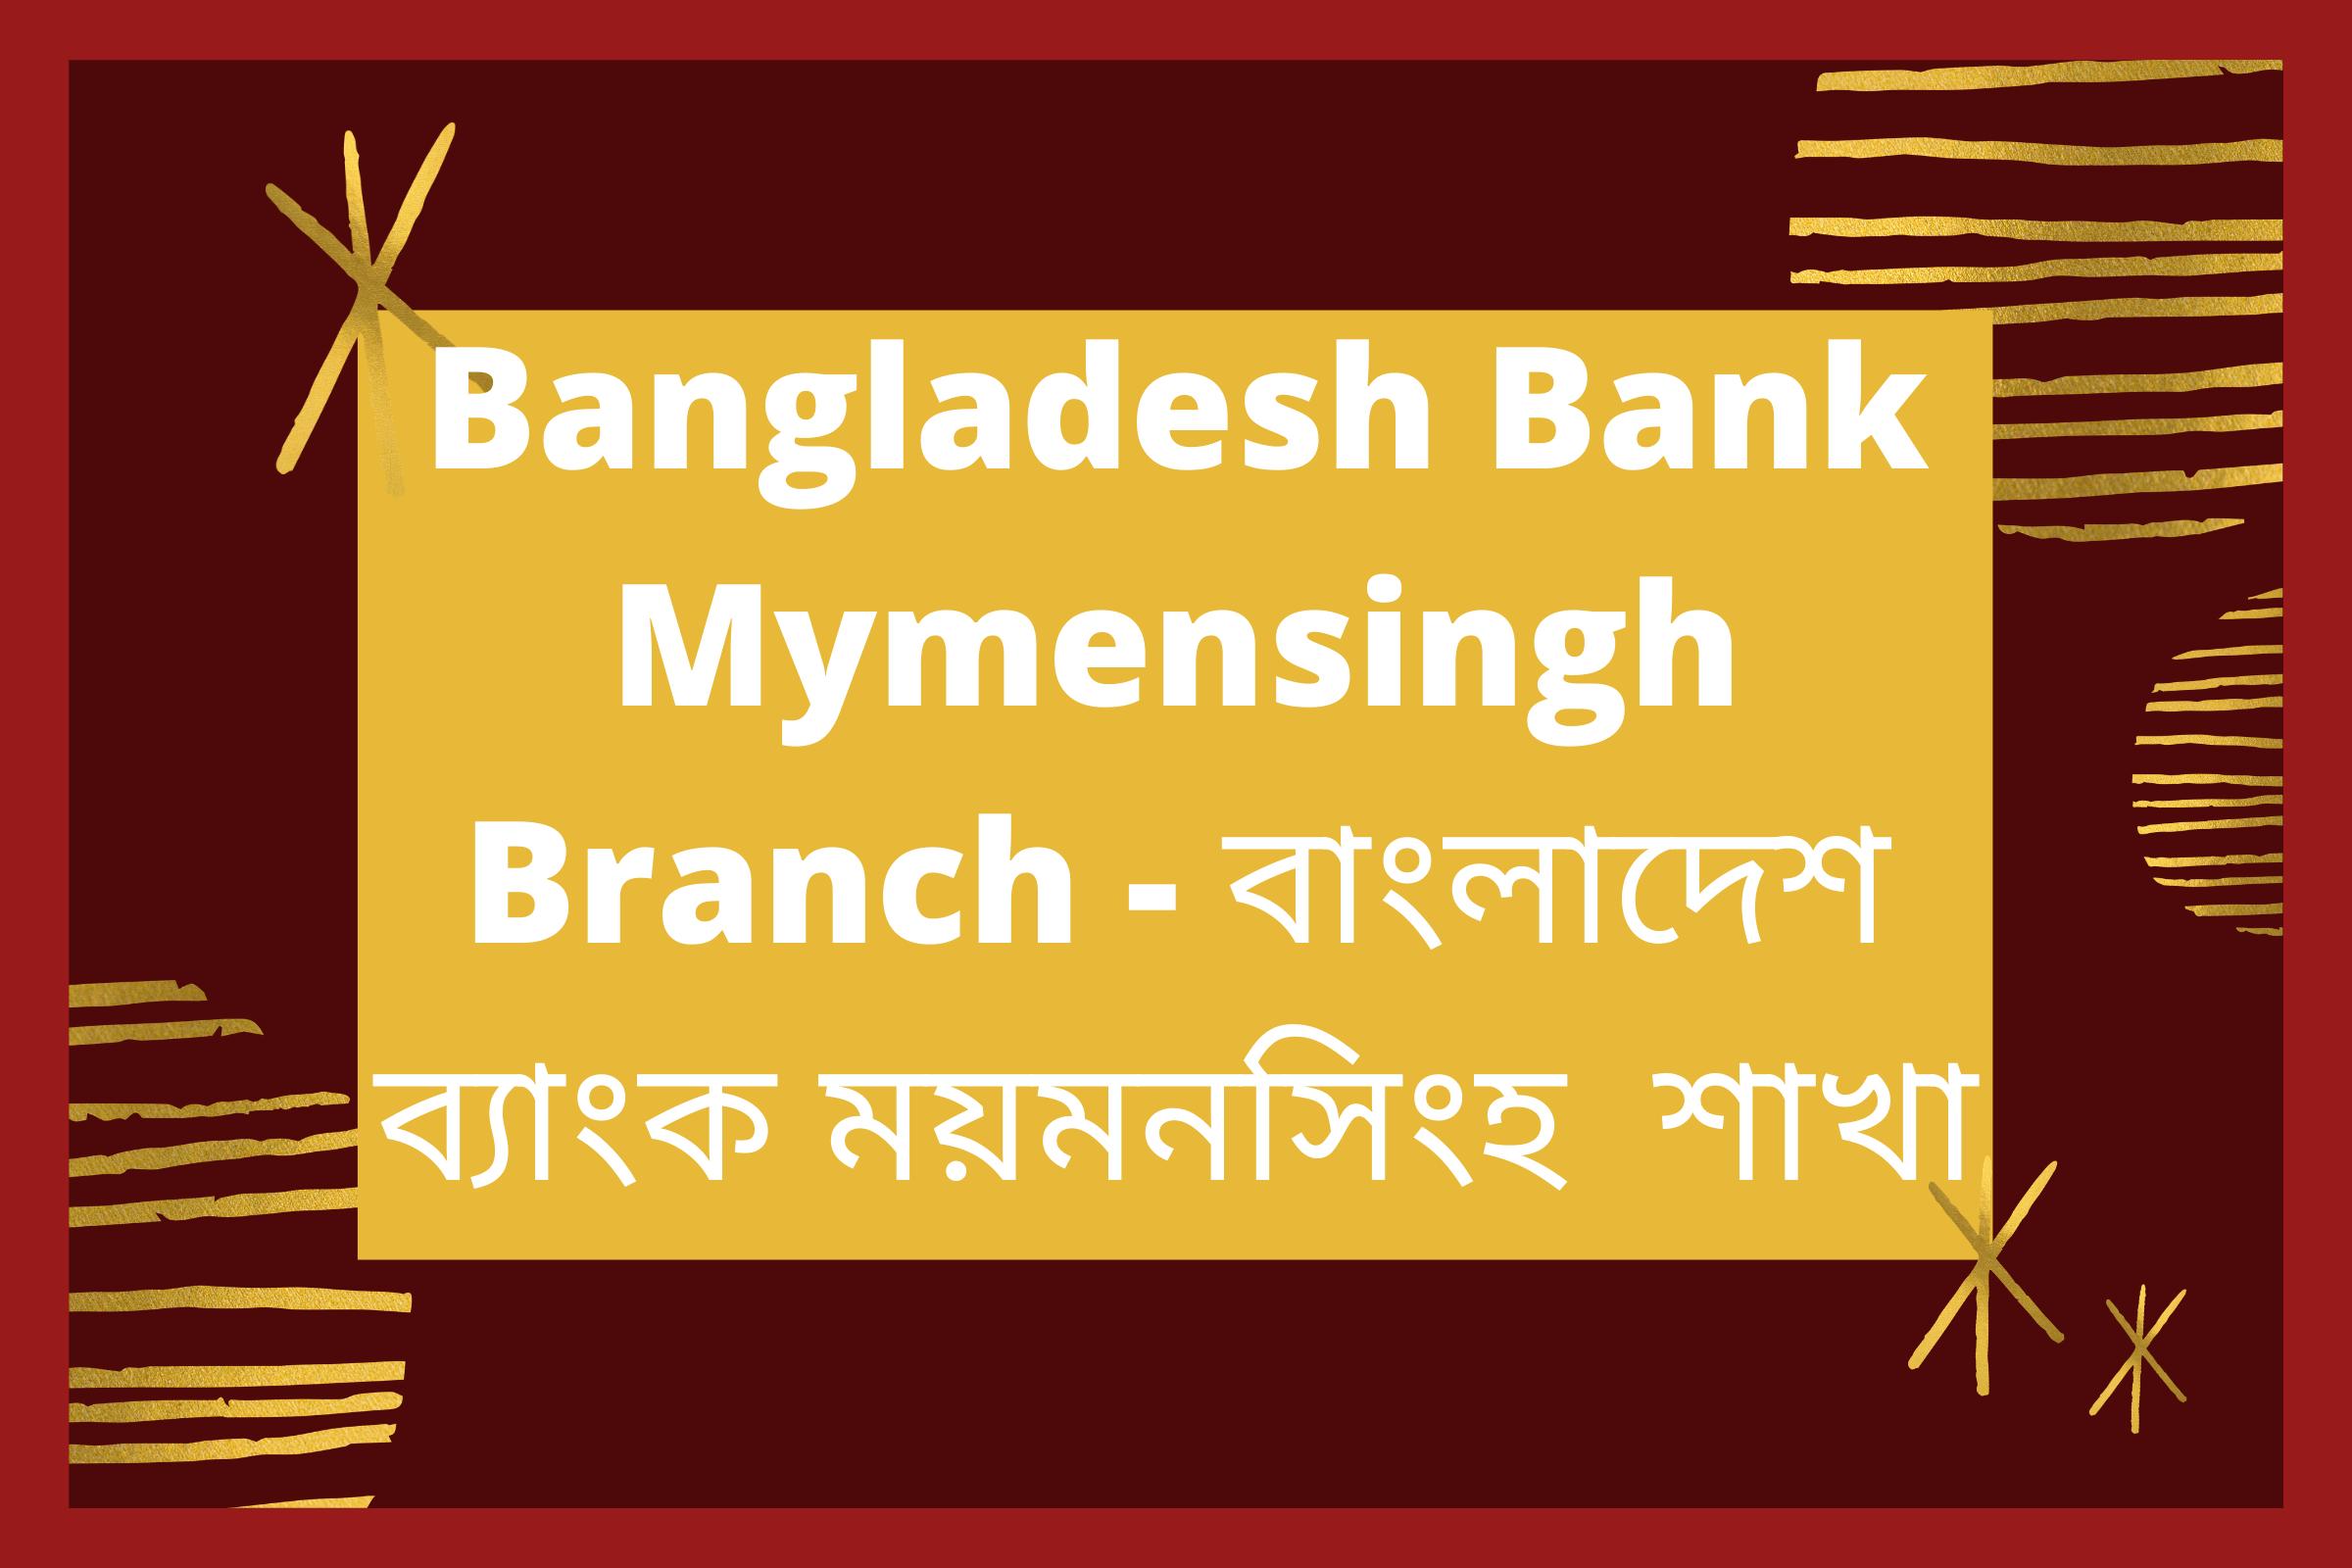 Bangladesh Bank Mymensingh Branch - বাংলাদেশ ব্যাংক ময়মনসিংহ শাখা